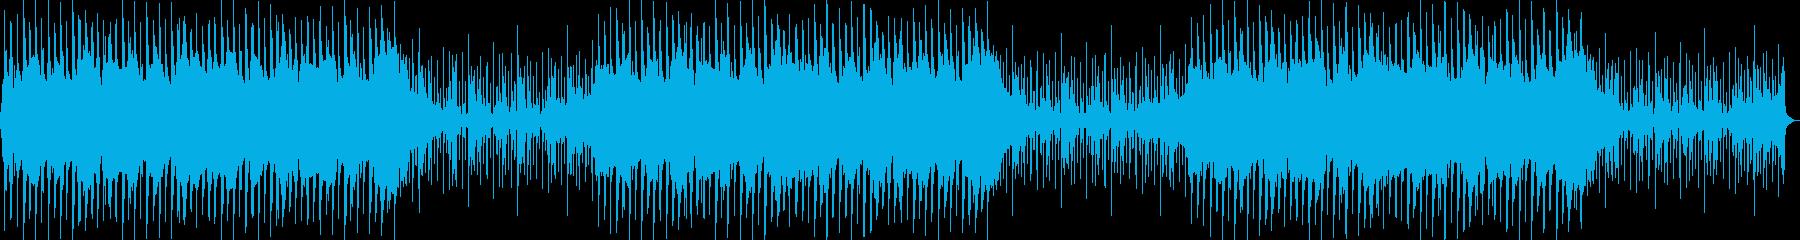 ニュース原稿ドキュメント報道 追跡ゲームの再生済みの波形